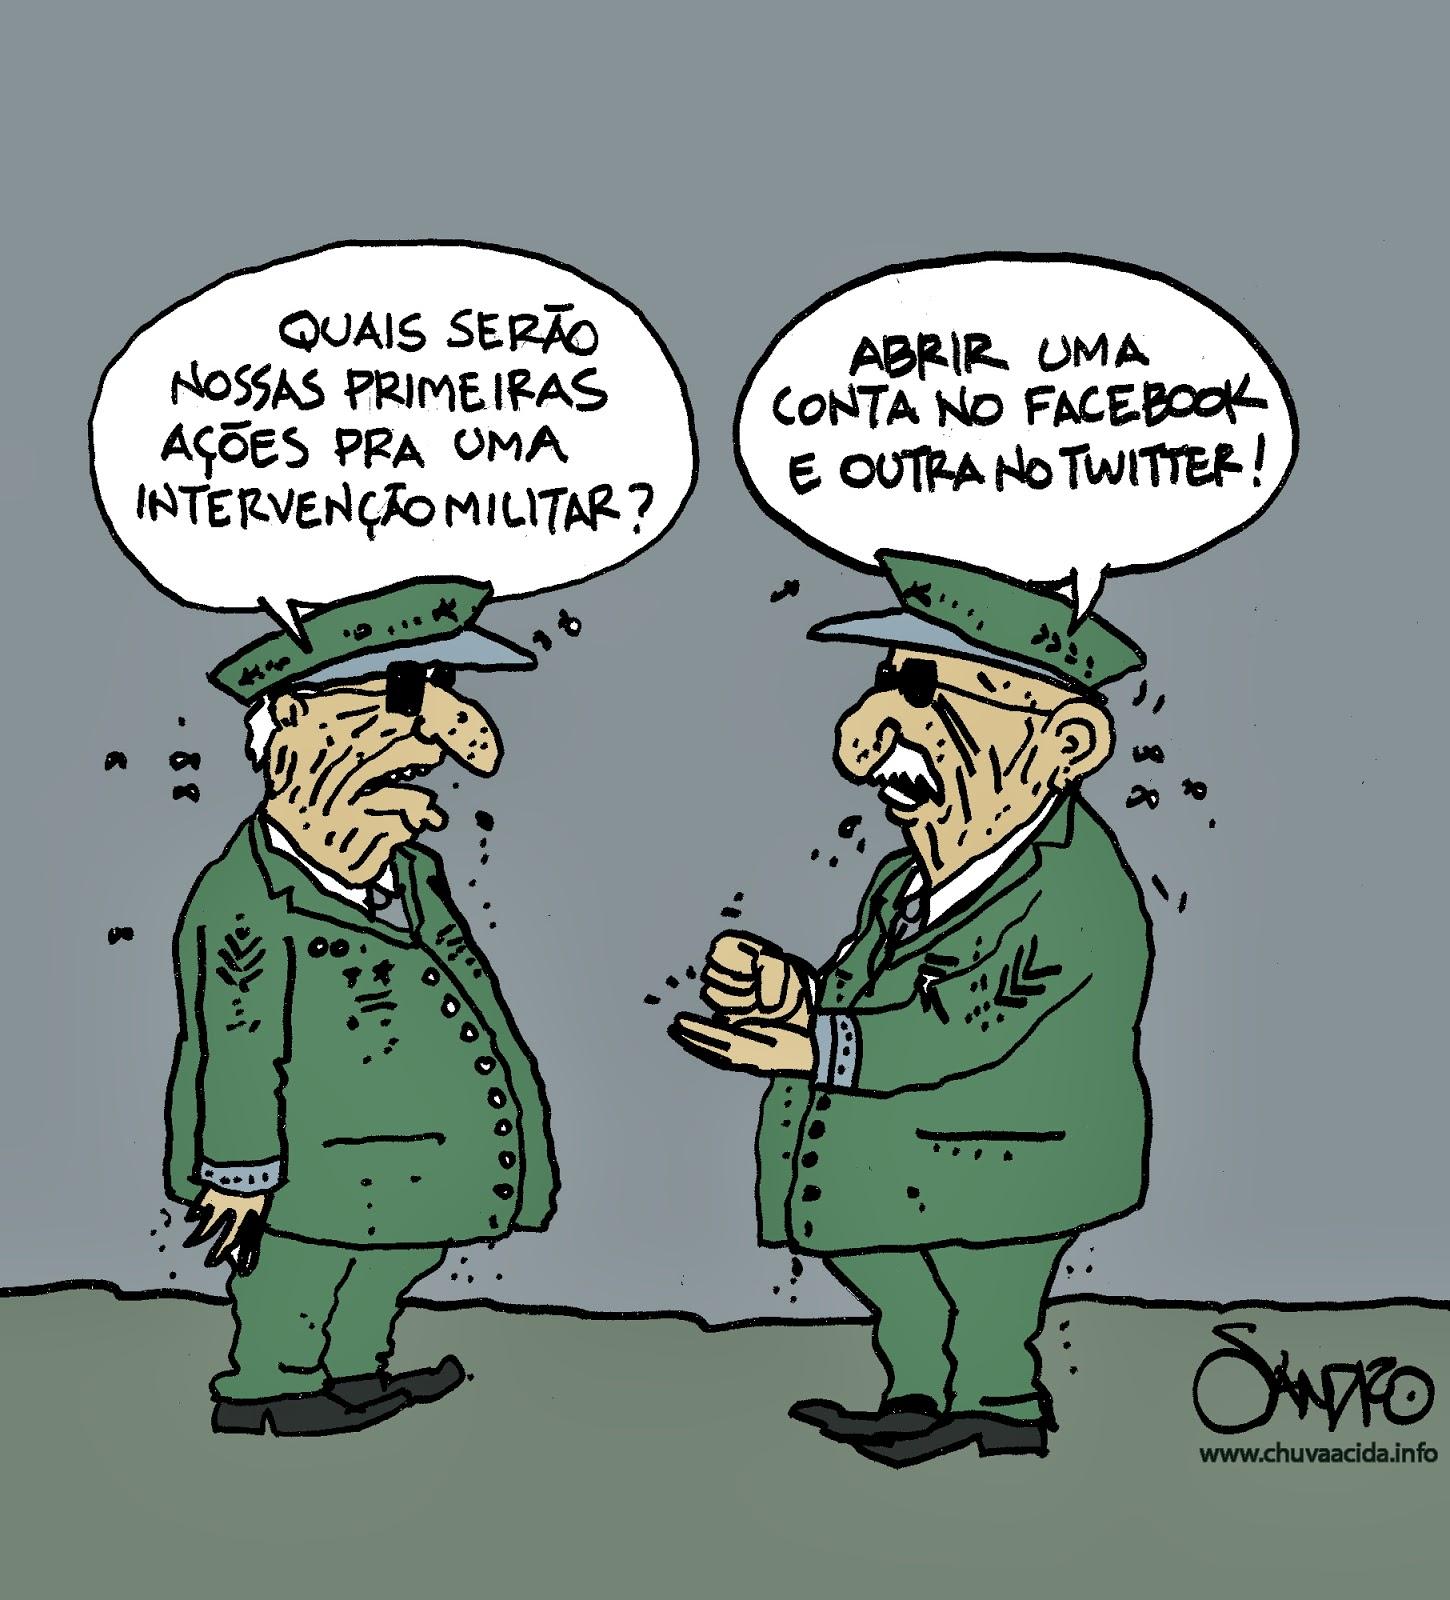 Resultado de imagem para volta da ditadura charges